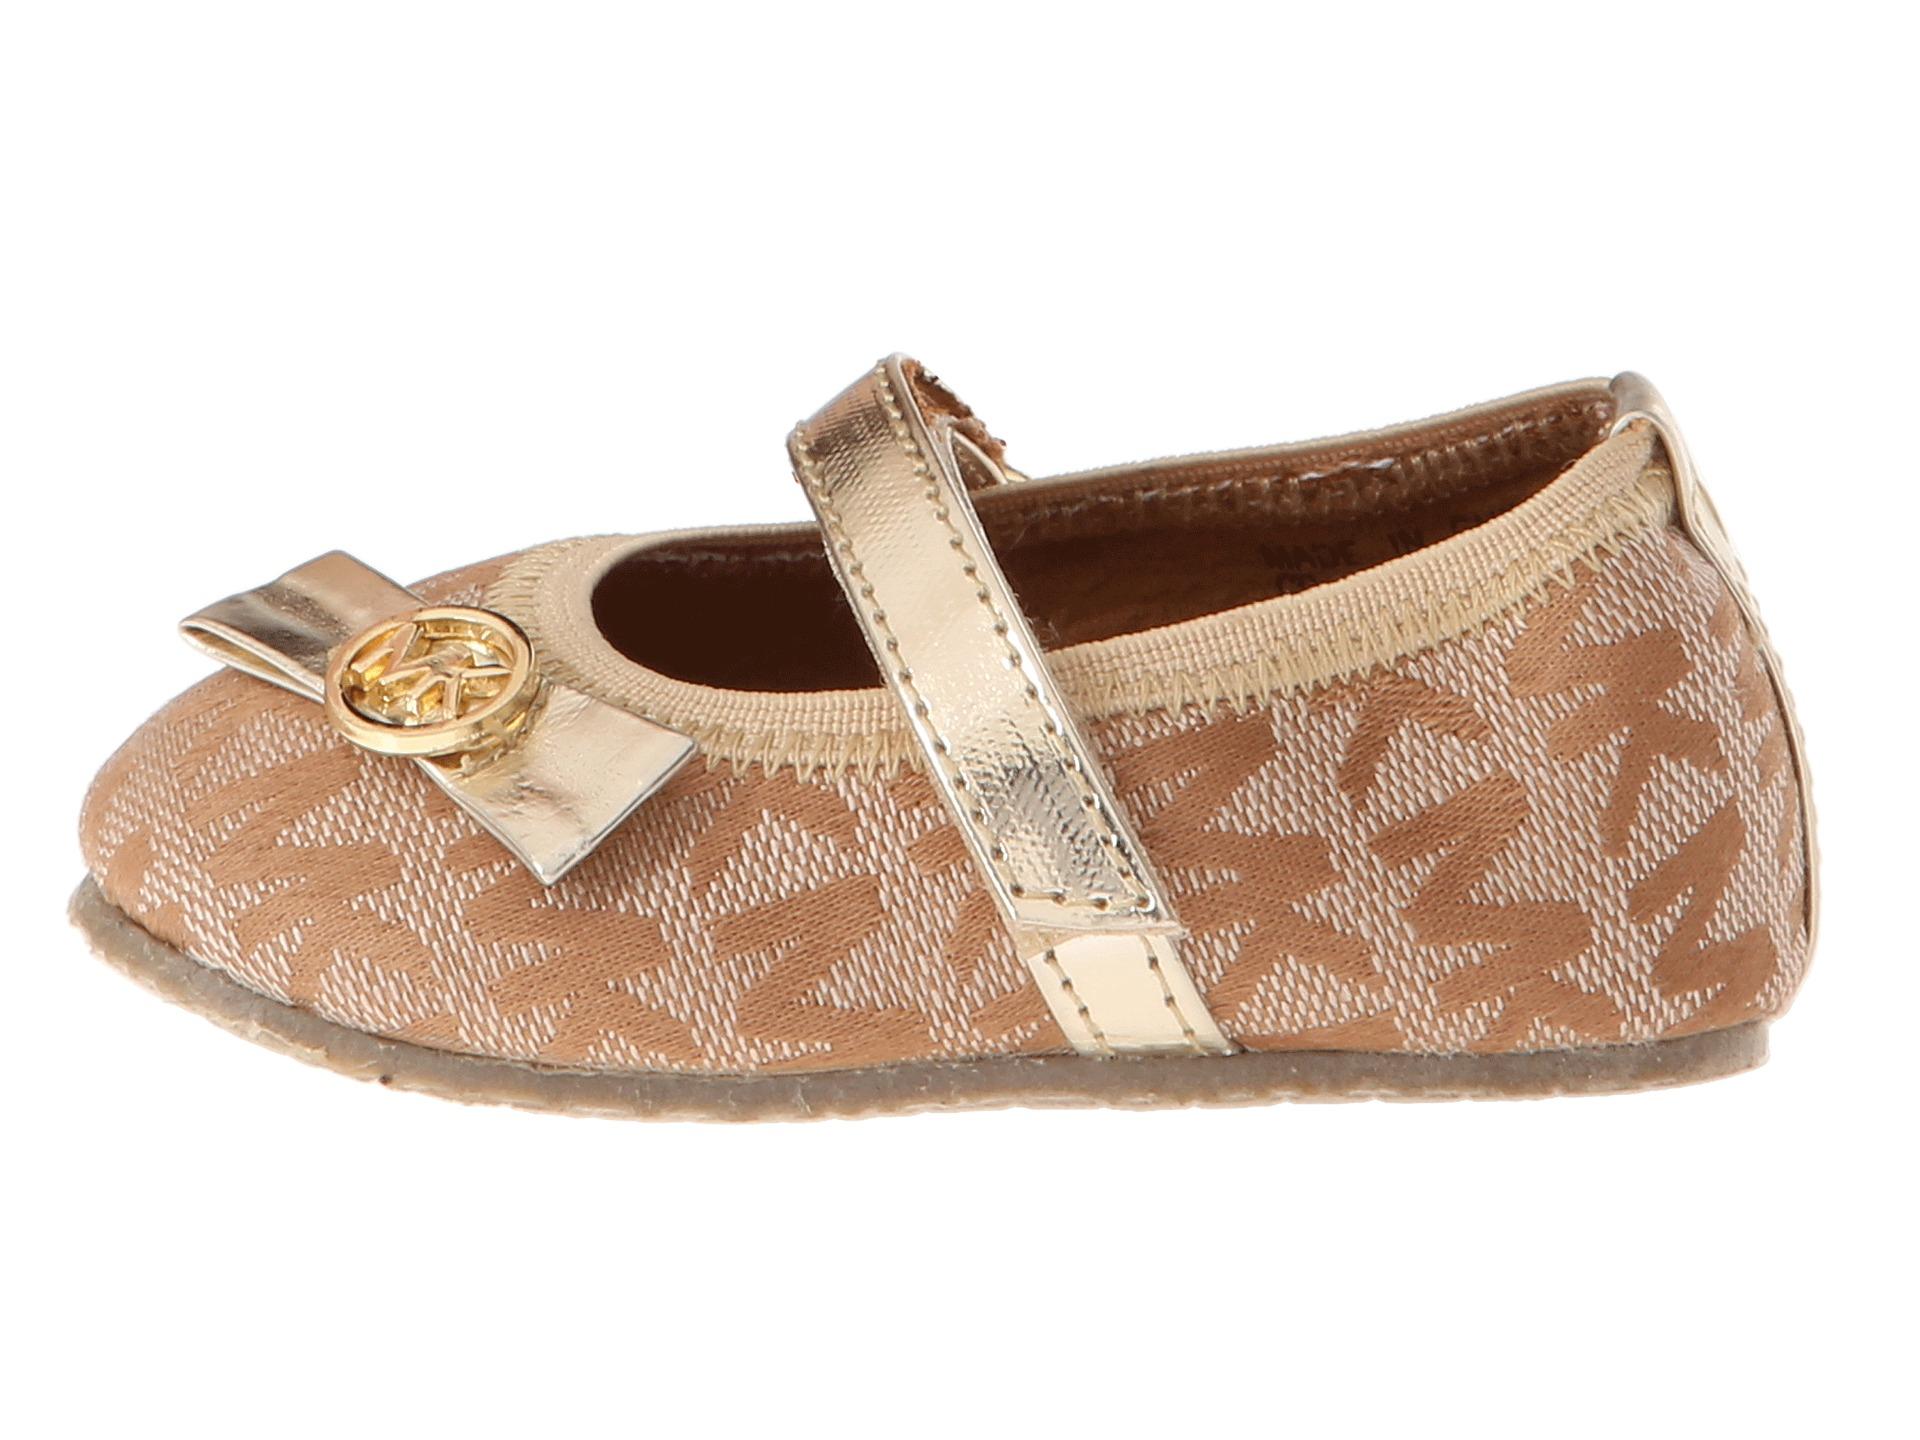 Michael Kors Infant Shoes Size